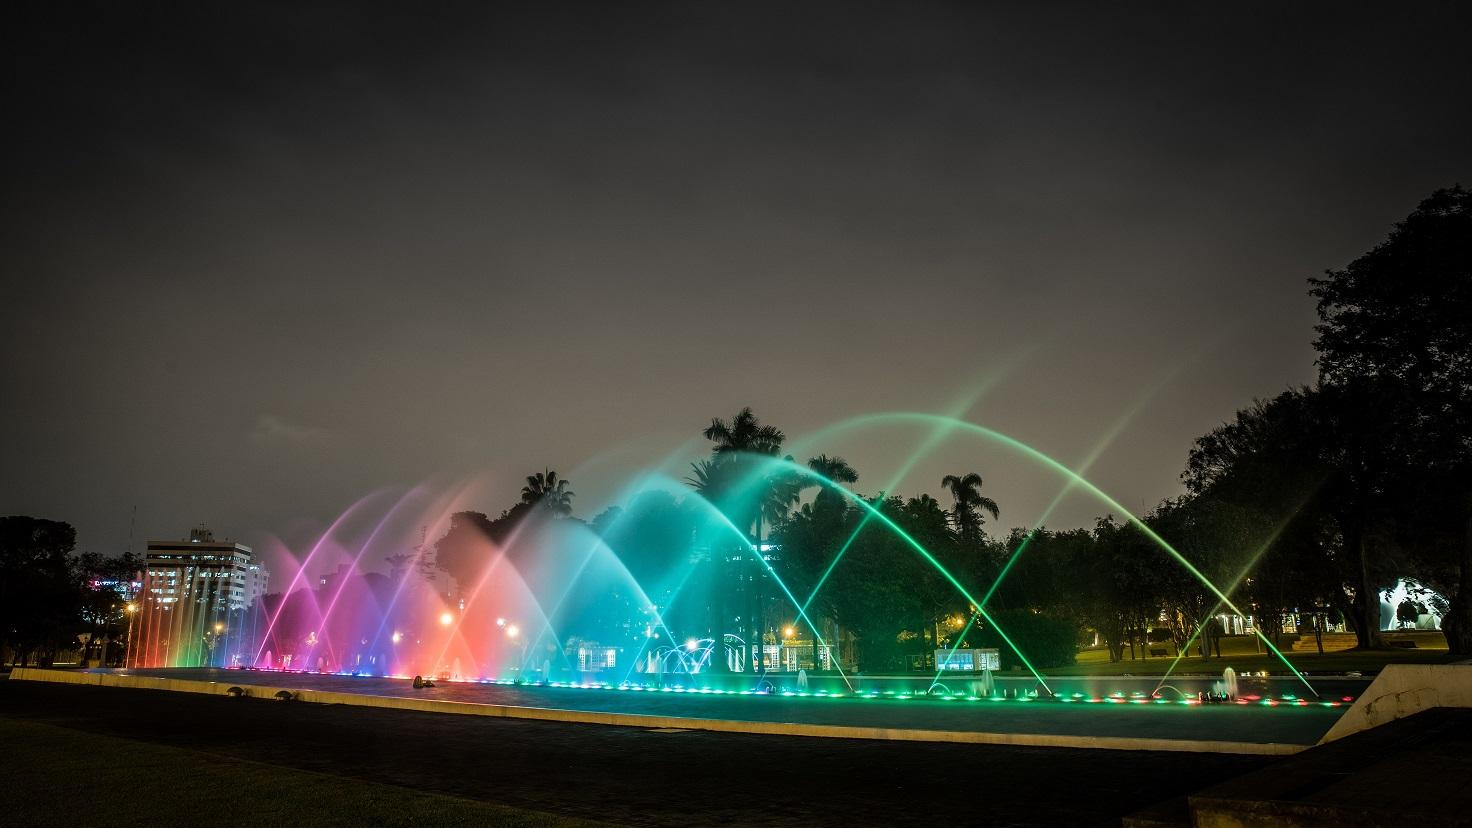 Circuito Magico Del Agua : Circuito mágico del agua realiza hoy el certamen quot festi